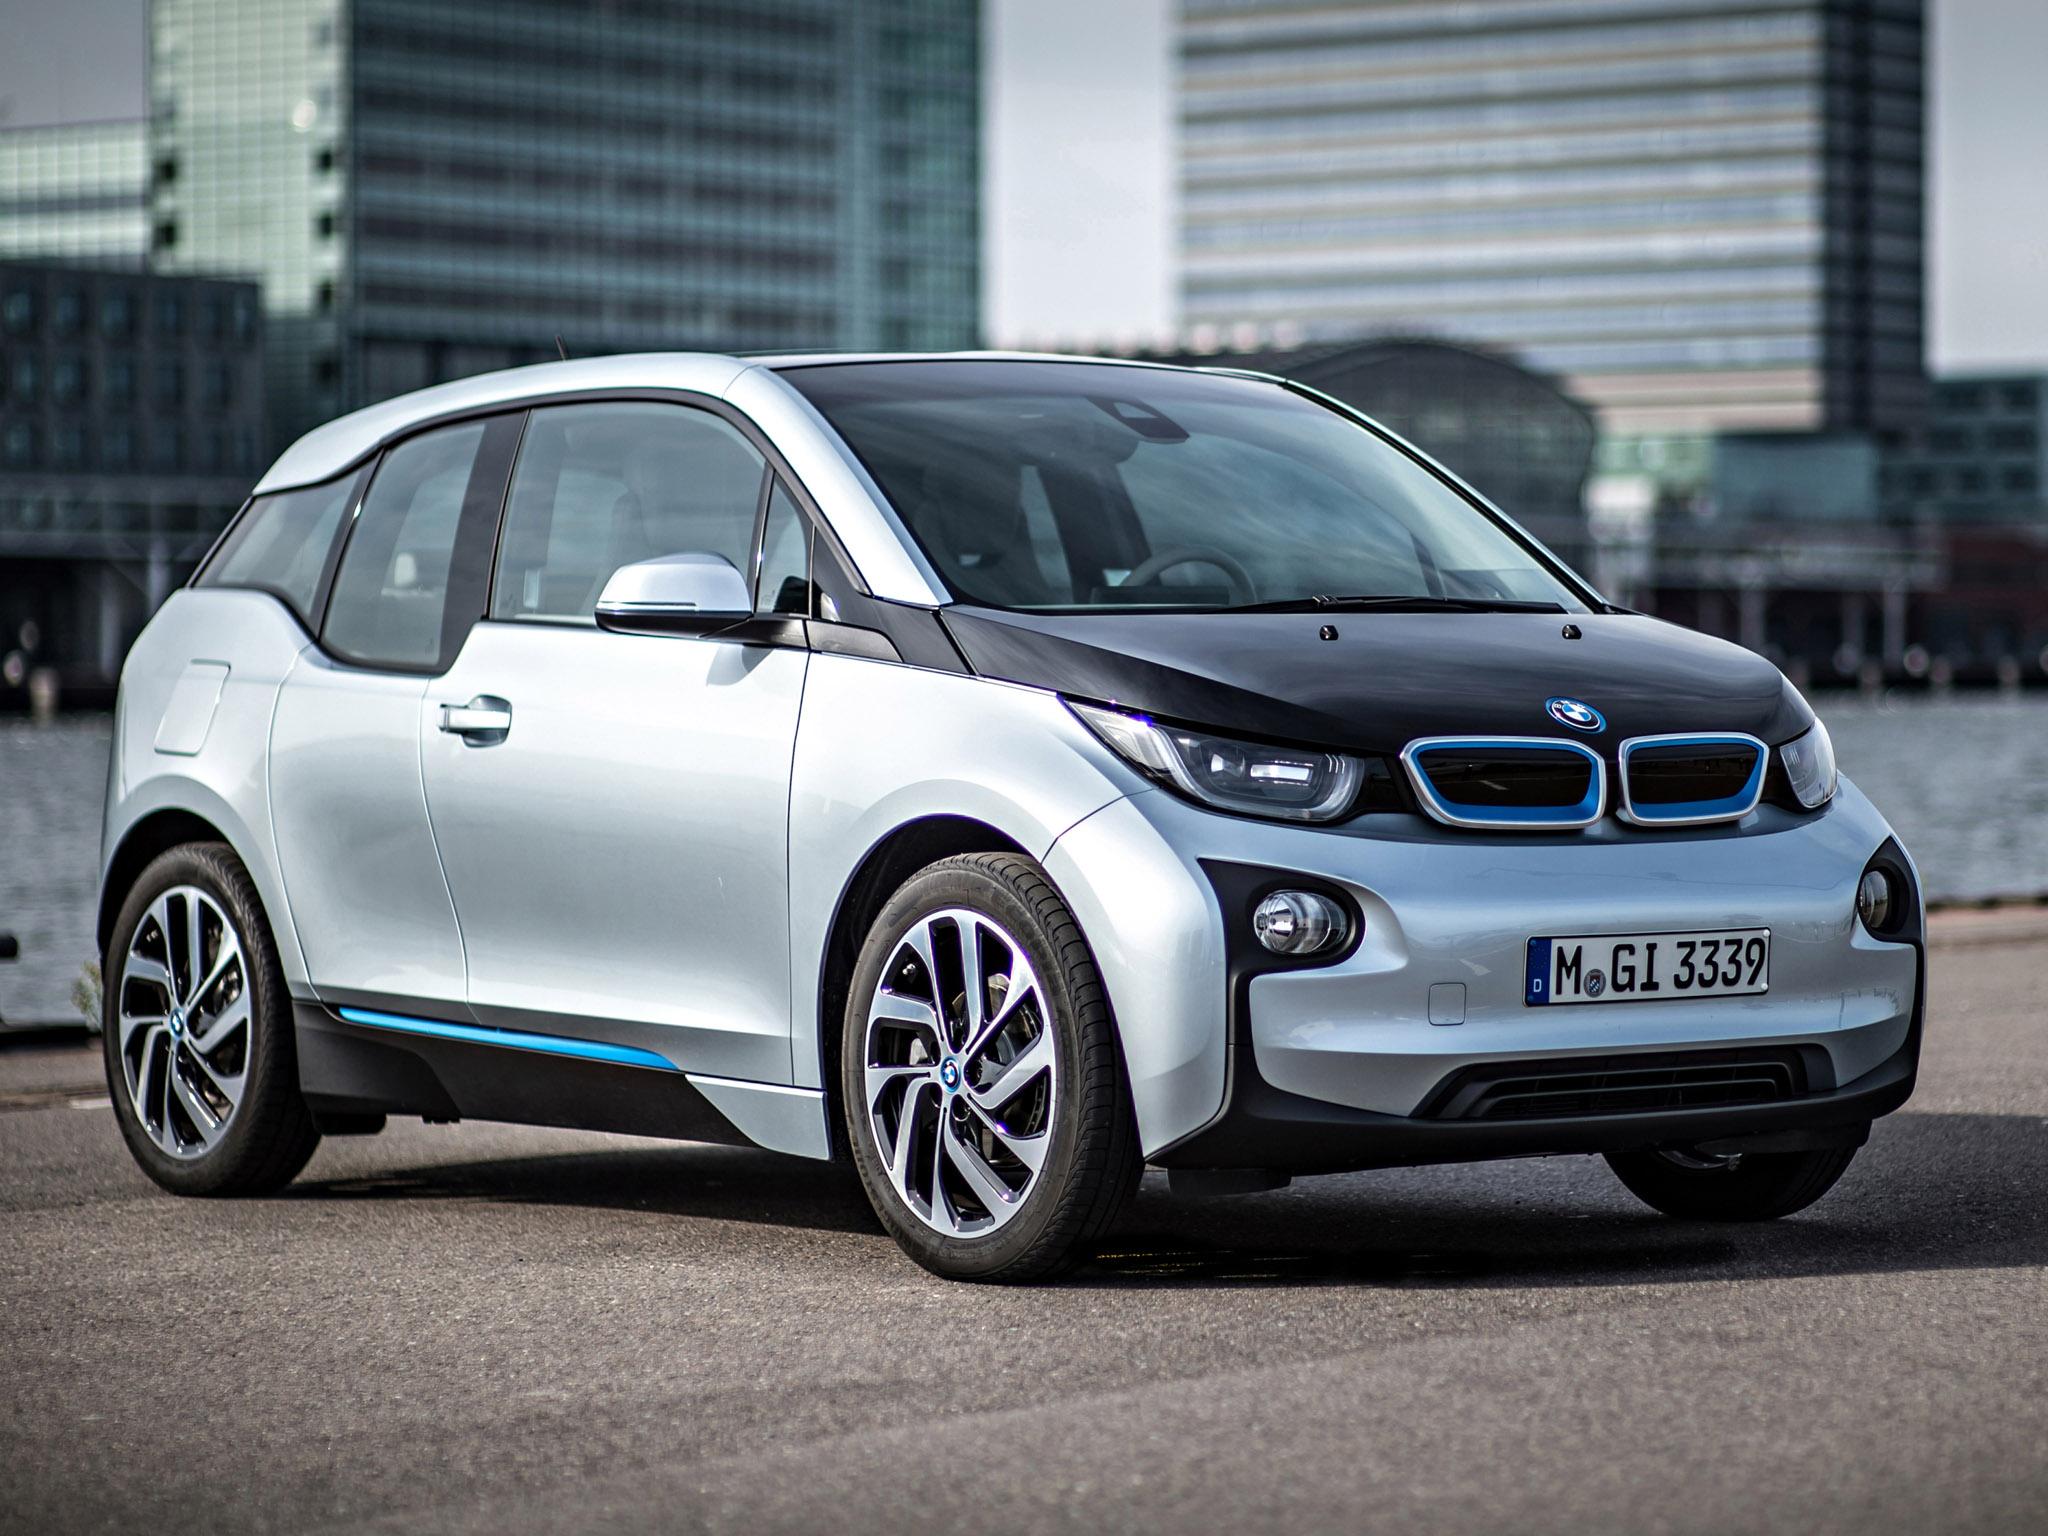 Végül a BMW jövője: a merész, előremutató, elektromos i3. A 2014-es Év Autója díj szavazásának második helyezettje. Simán nyerhetett volna.